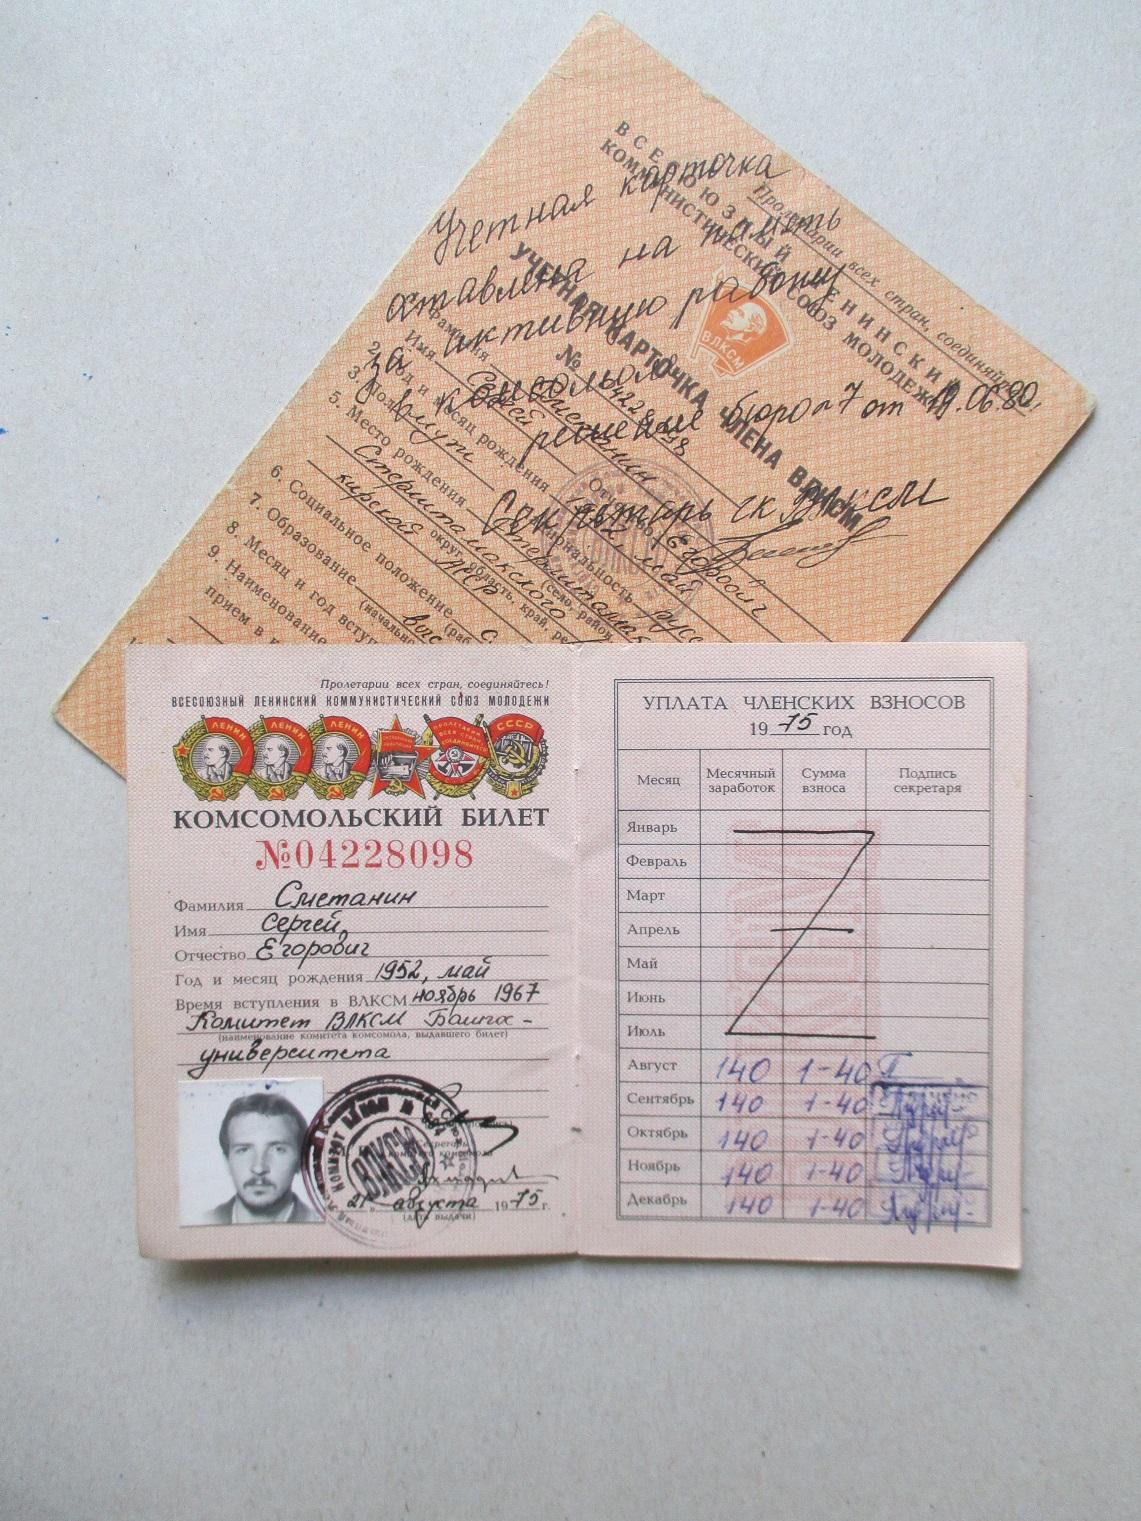 Карточка и комсомольский билет С. Сметанина